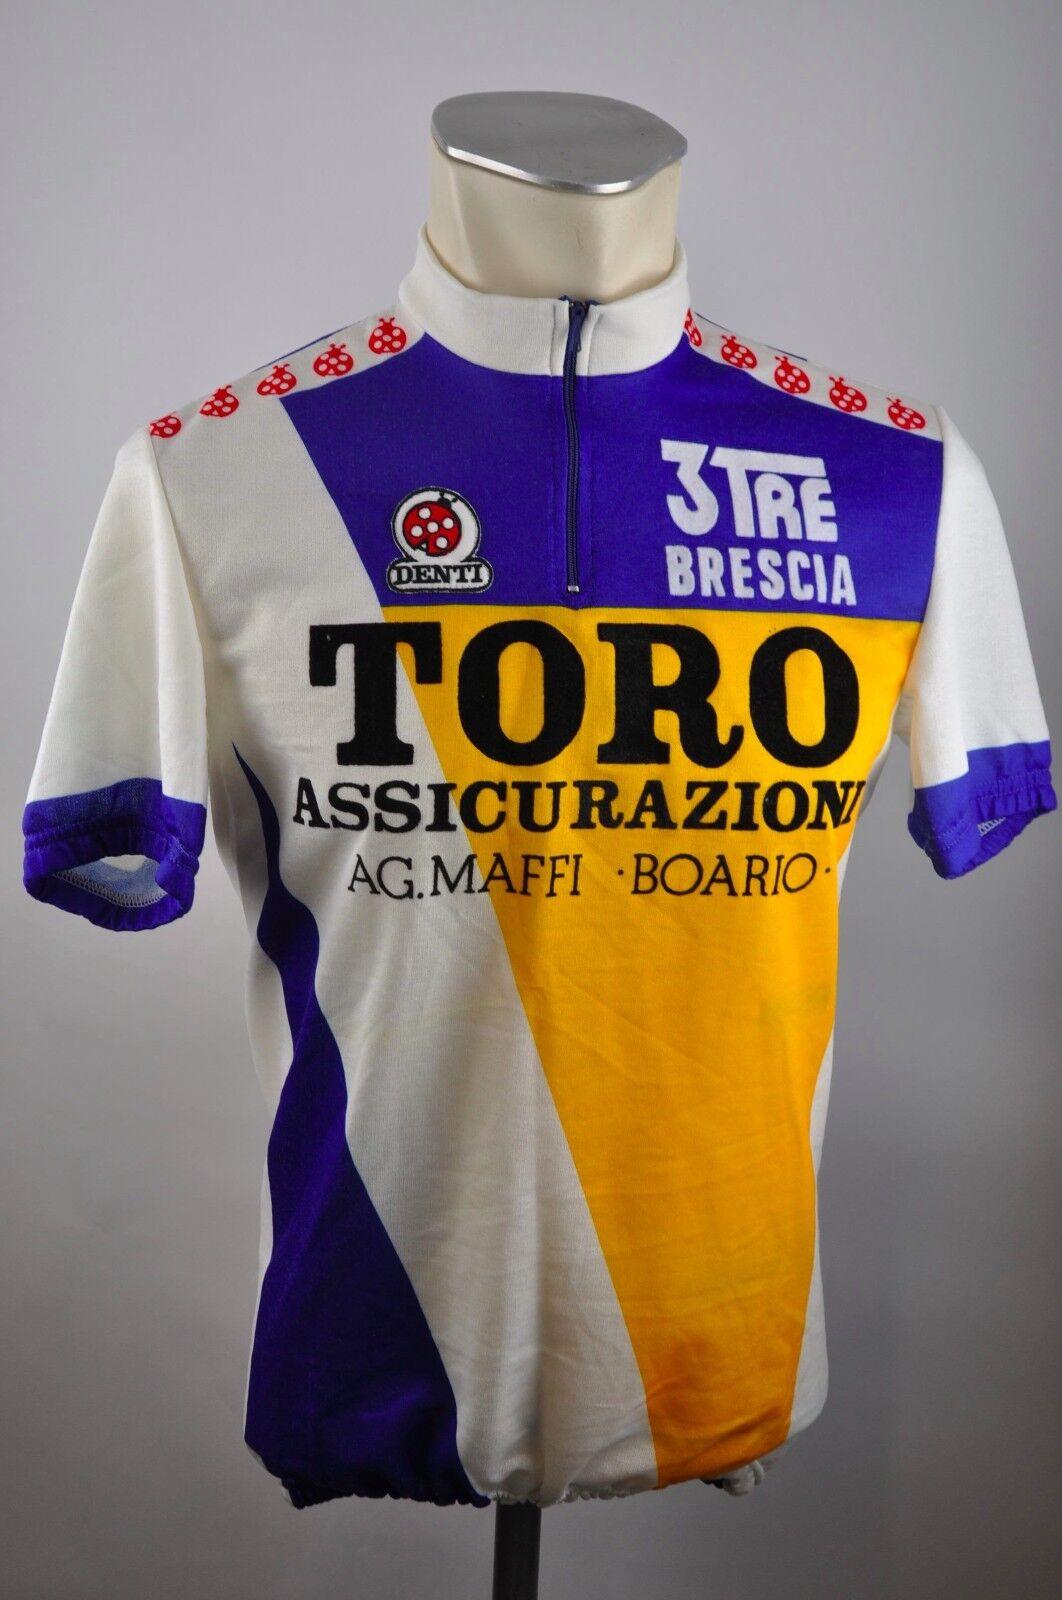 Tgold Assicurazioni Denti Brescia Trikot cycling  jersey maglia Gr M 3 BW 51cm E28  70% off cheap